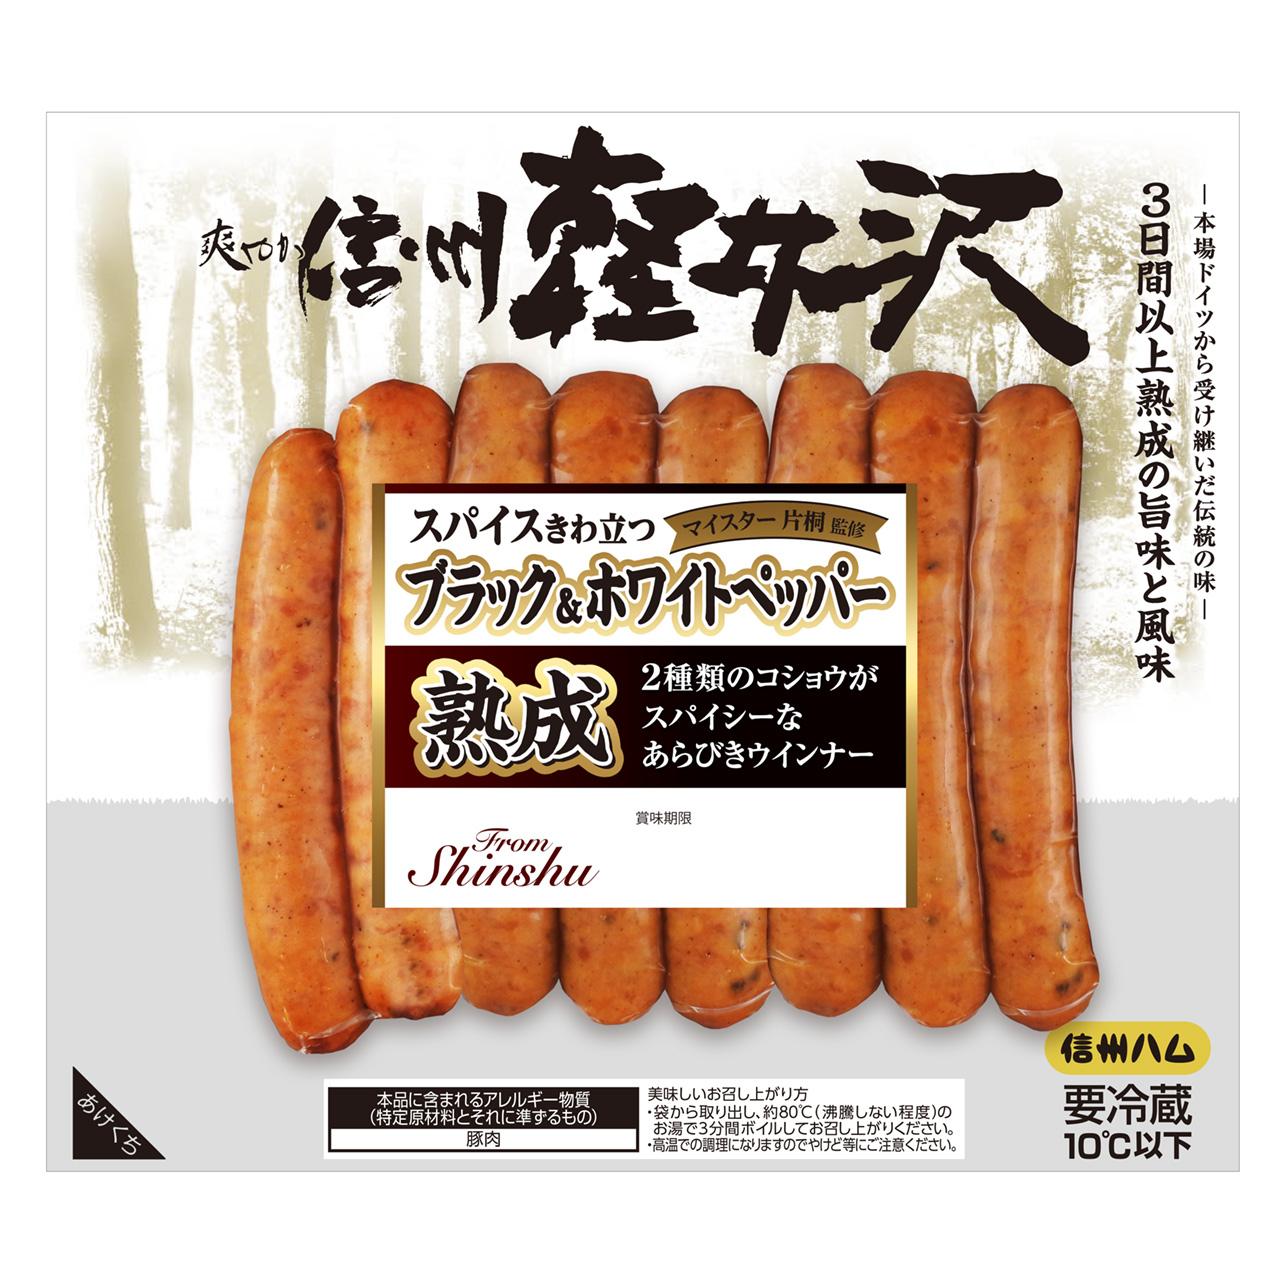 爽やか信州軽井沢 ブラック&ホワイトペッパーポークウインナー 160g